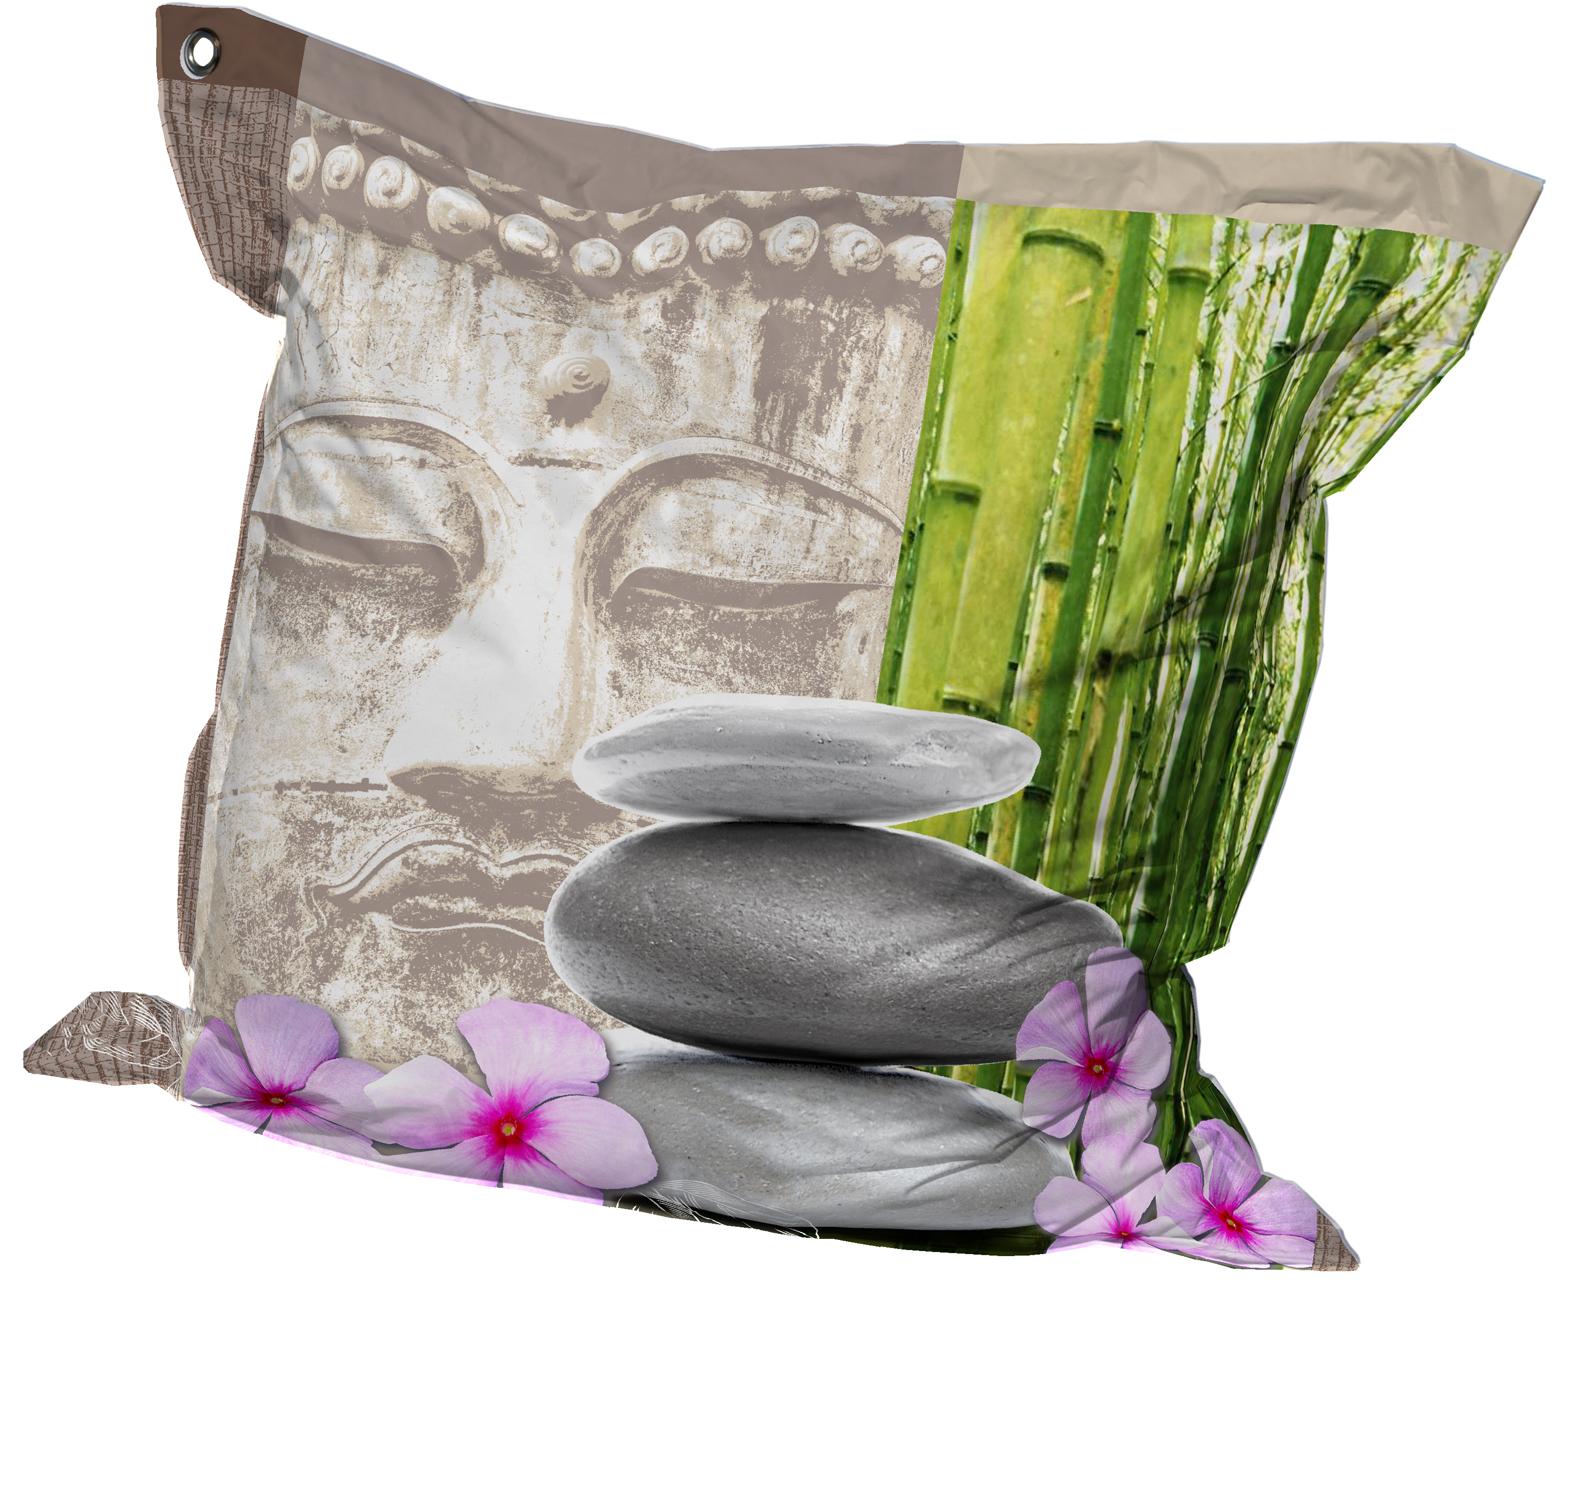 Big coussin zen multicolore homemaison vente en - Housse clic clac originale ...